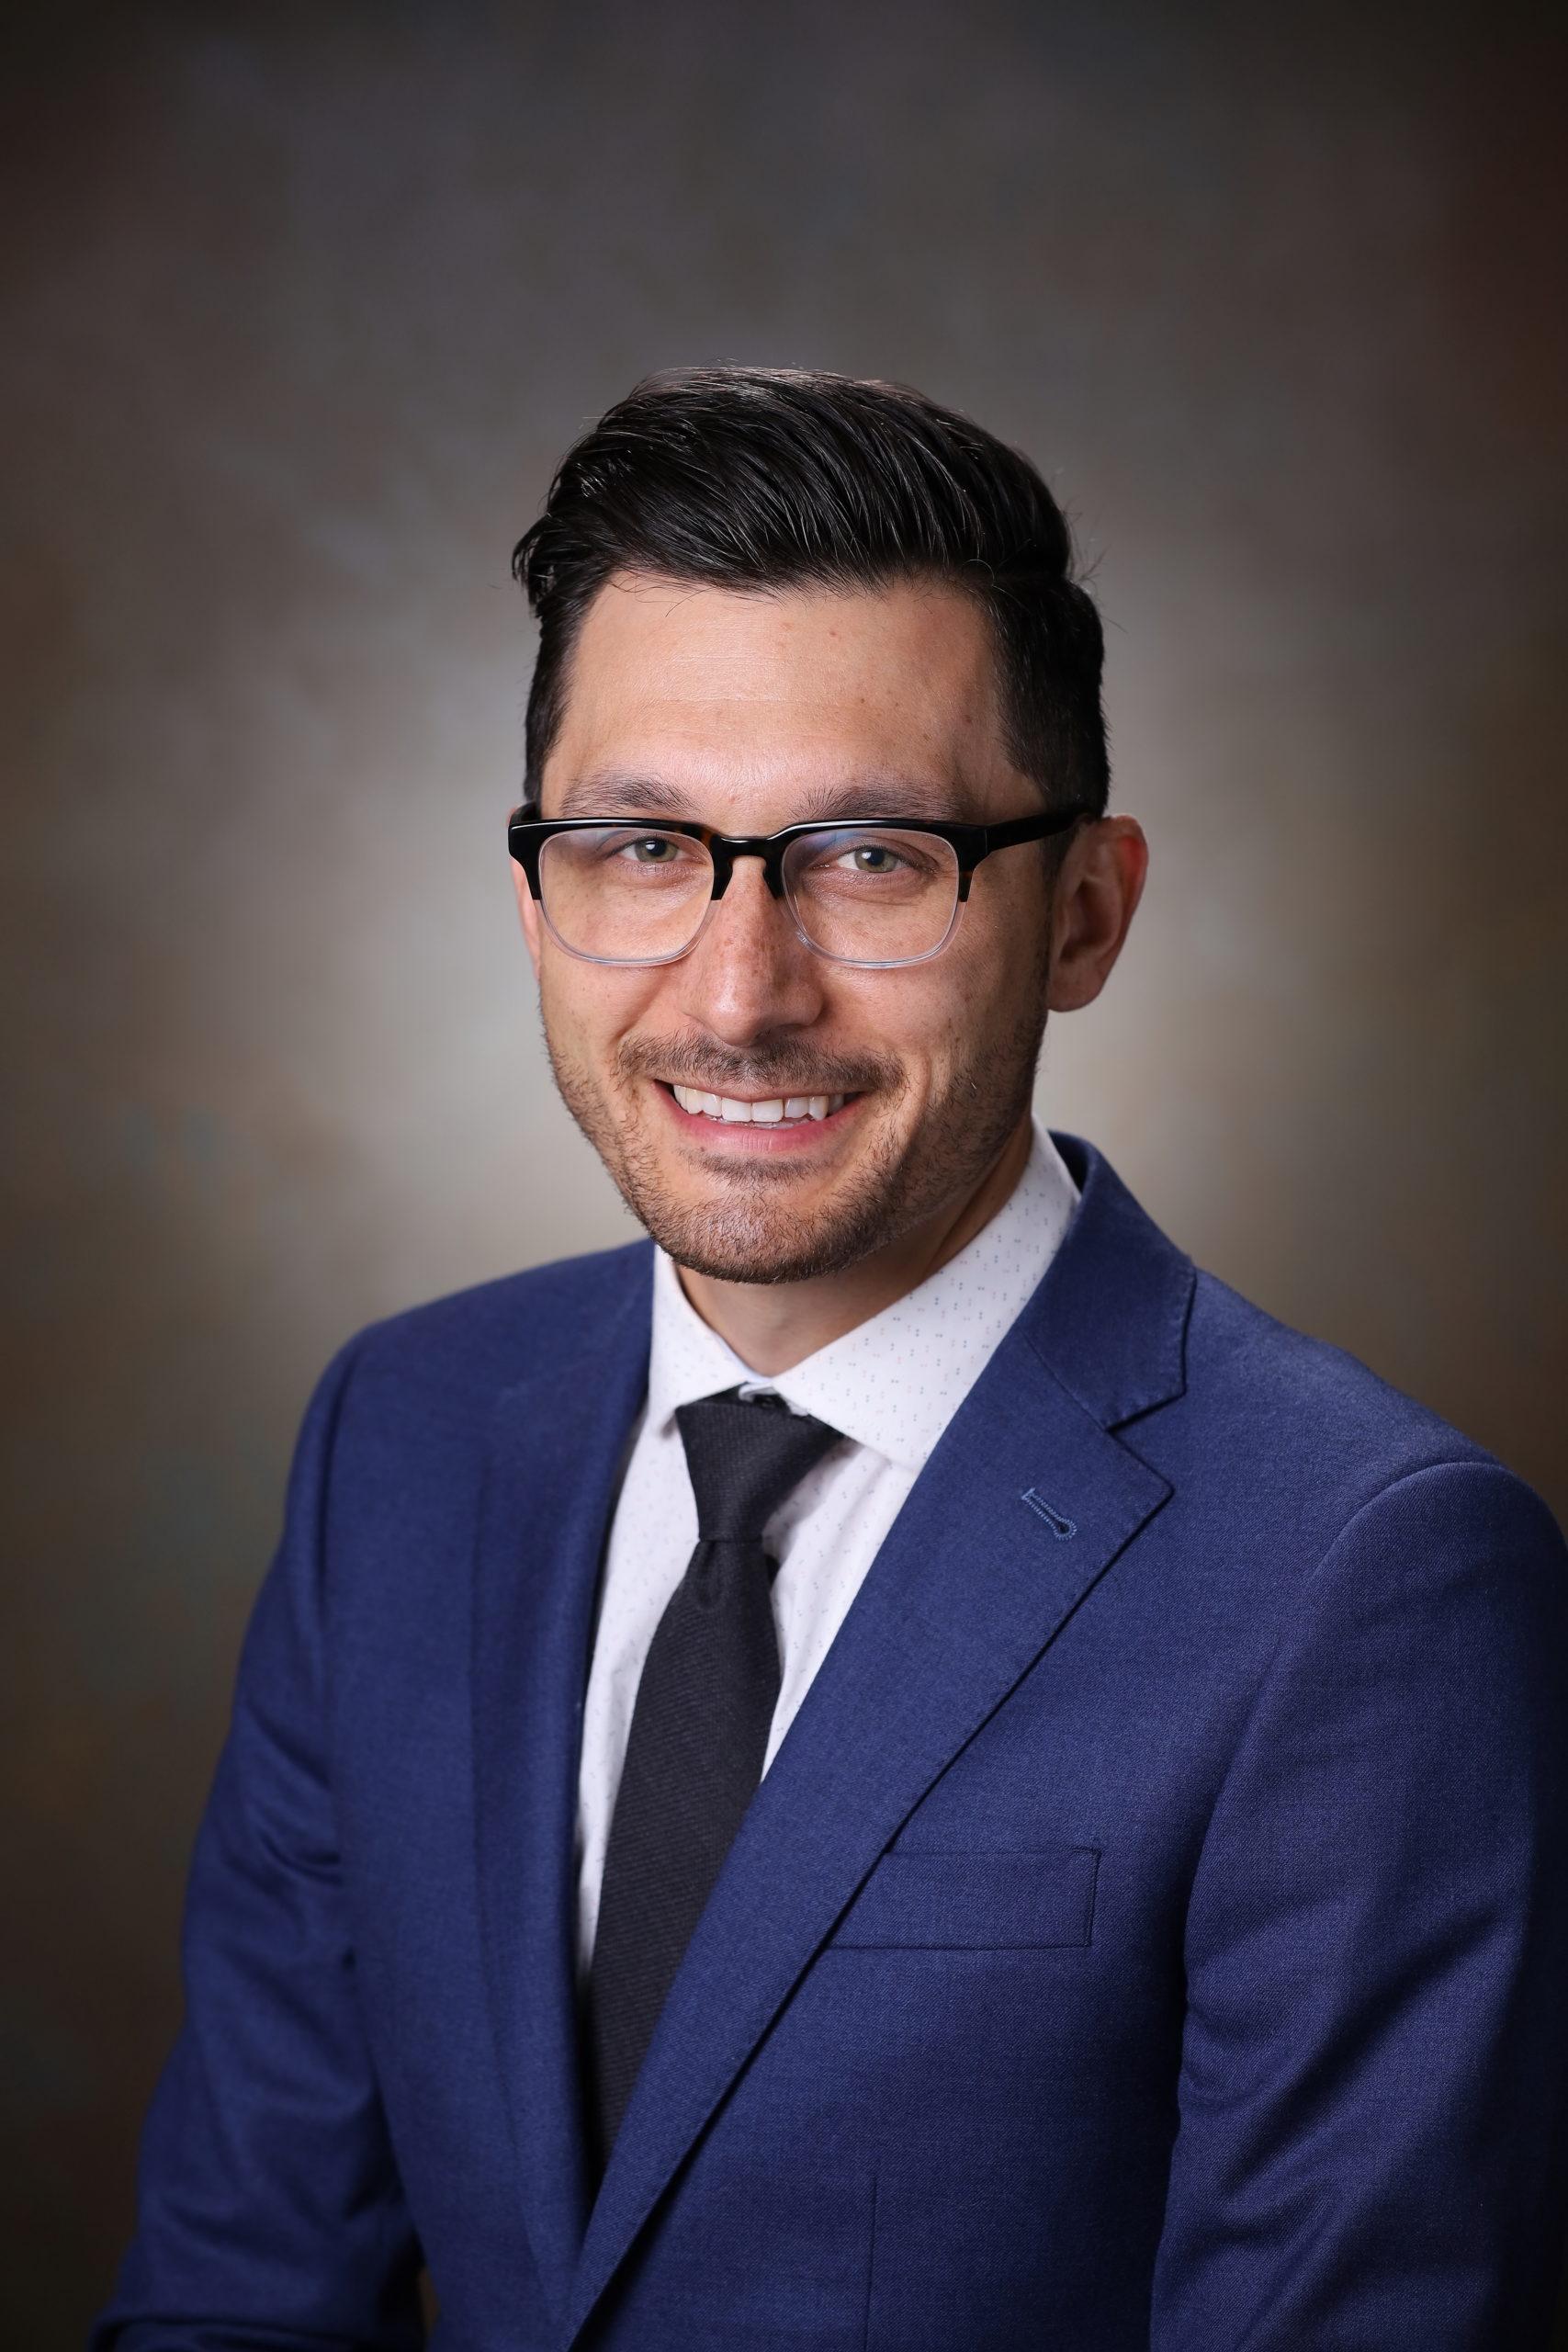 Cameron Risma, MD